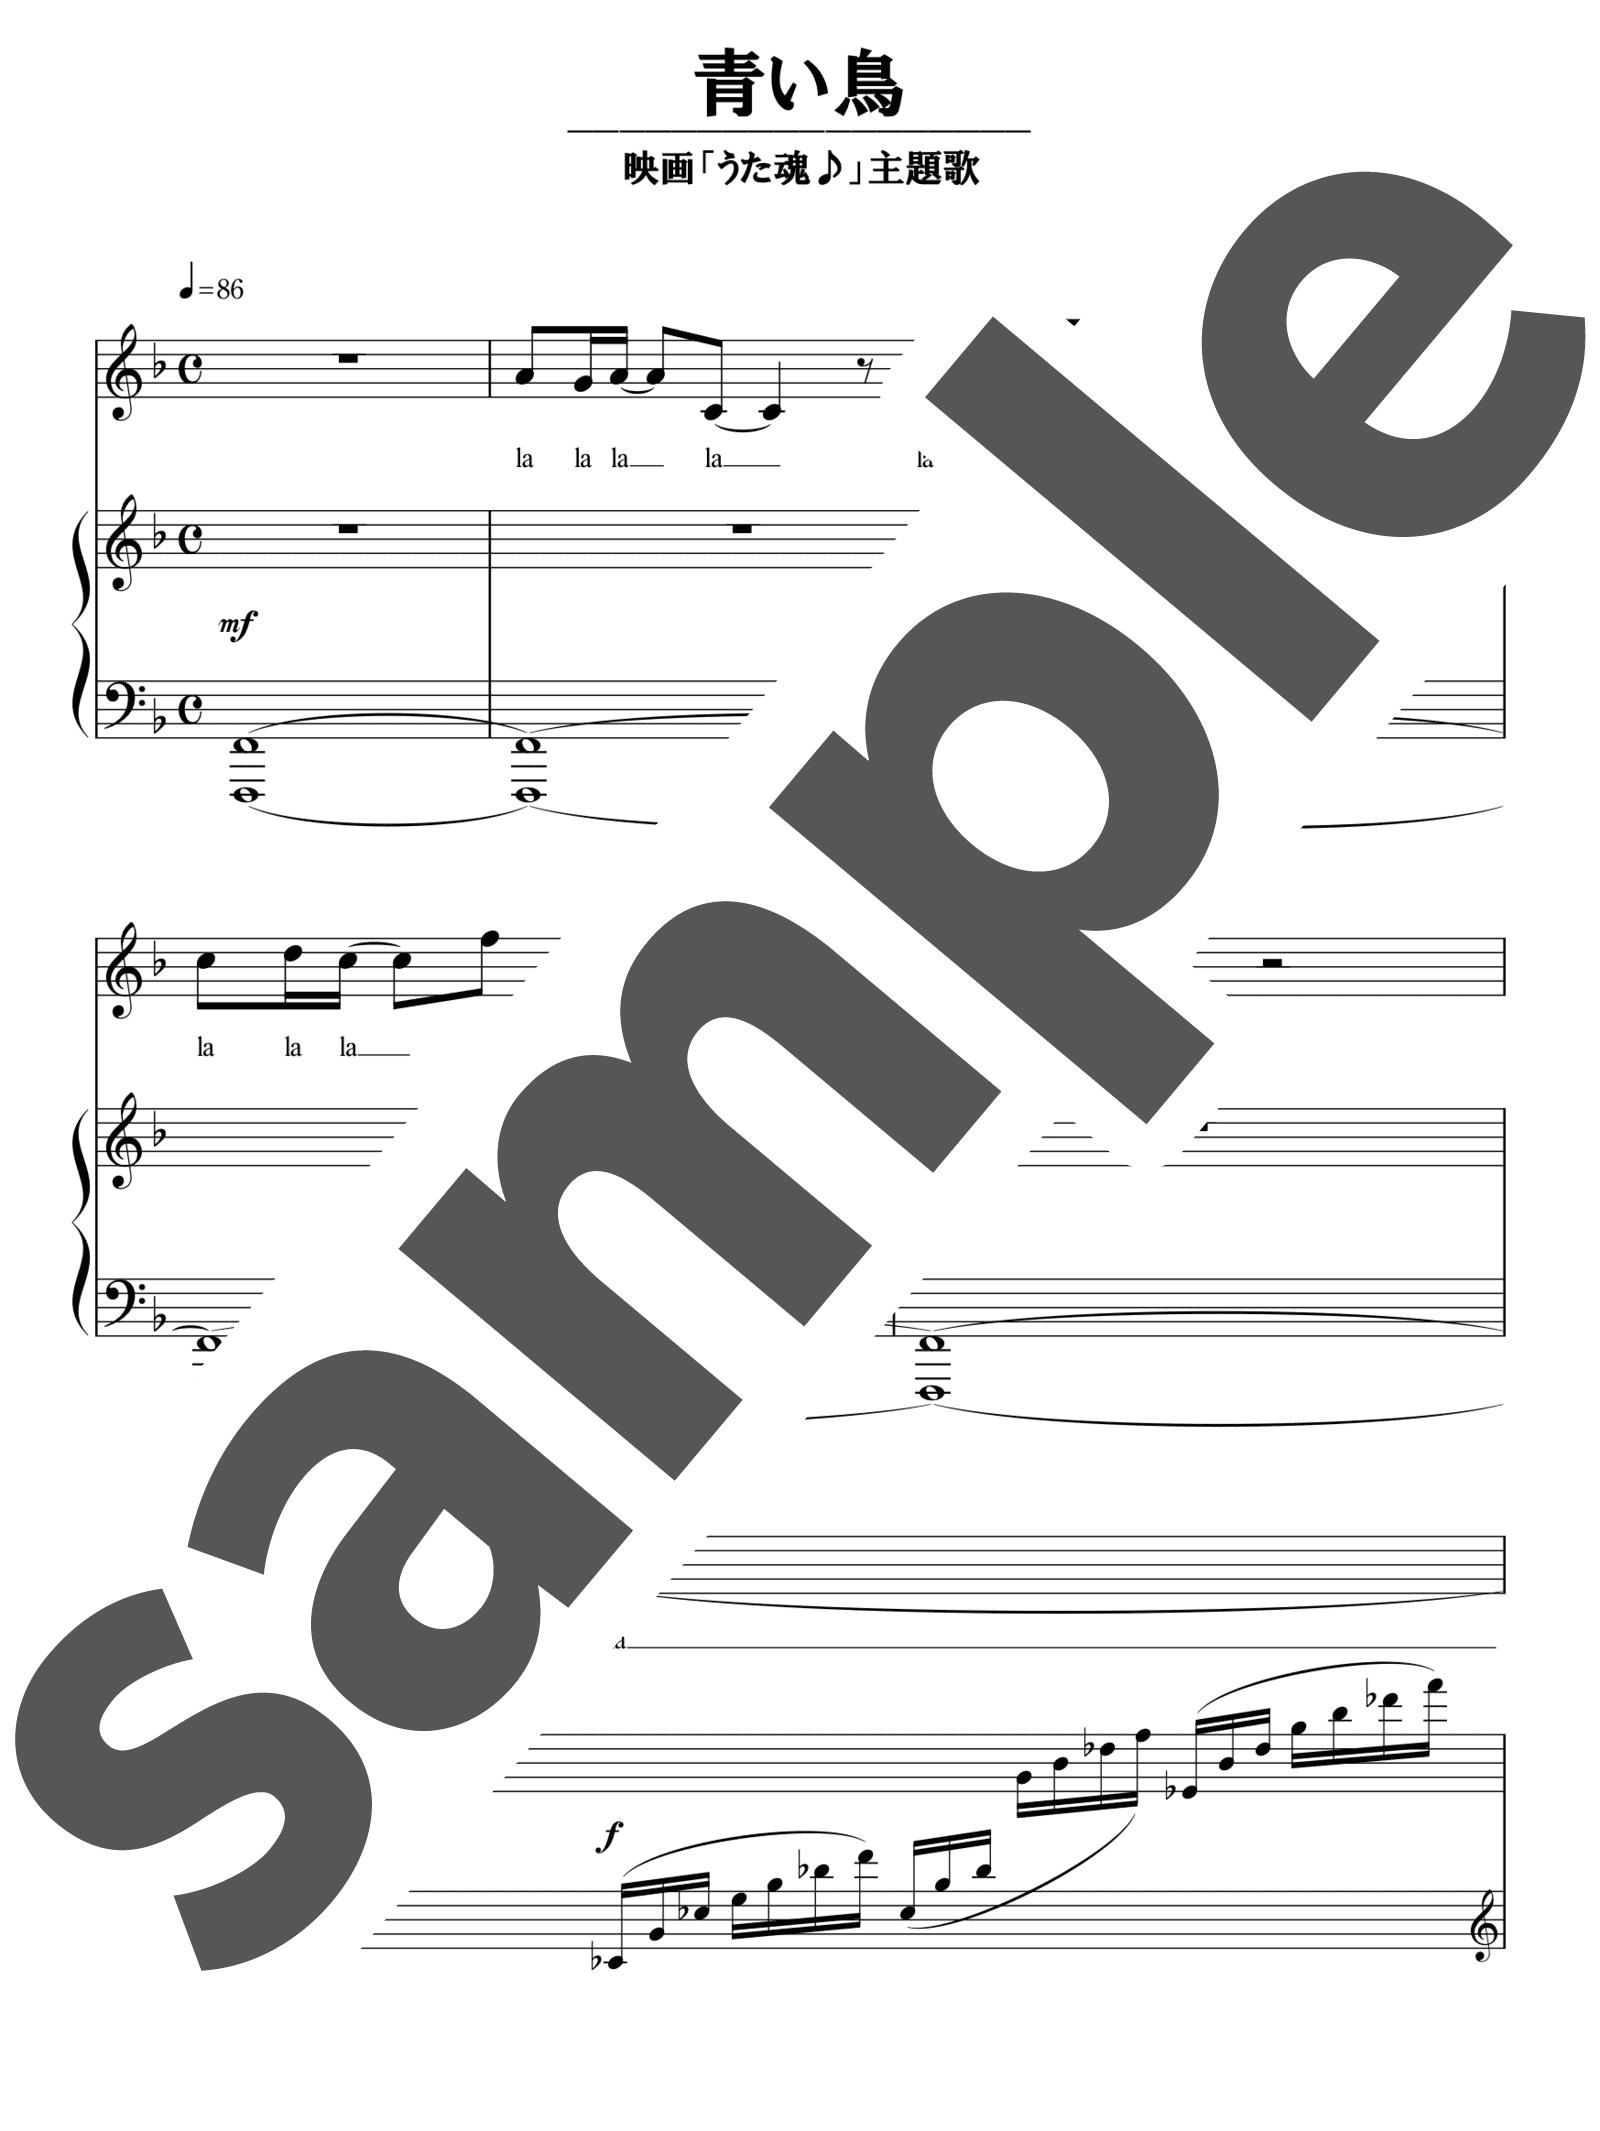 「青い鳥」のサンプル楽譜